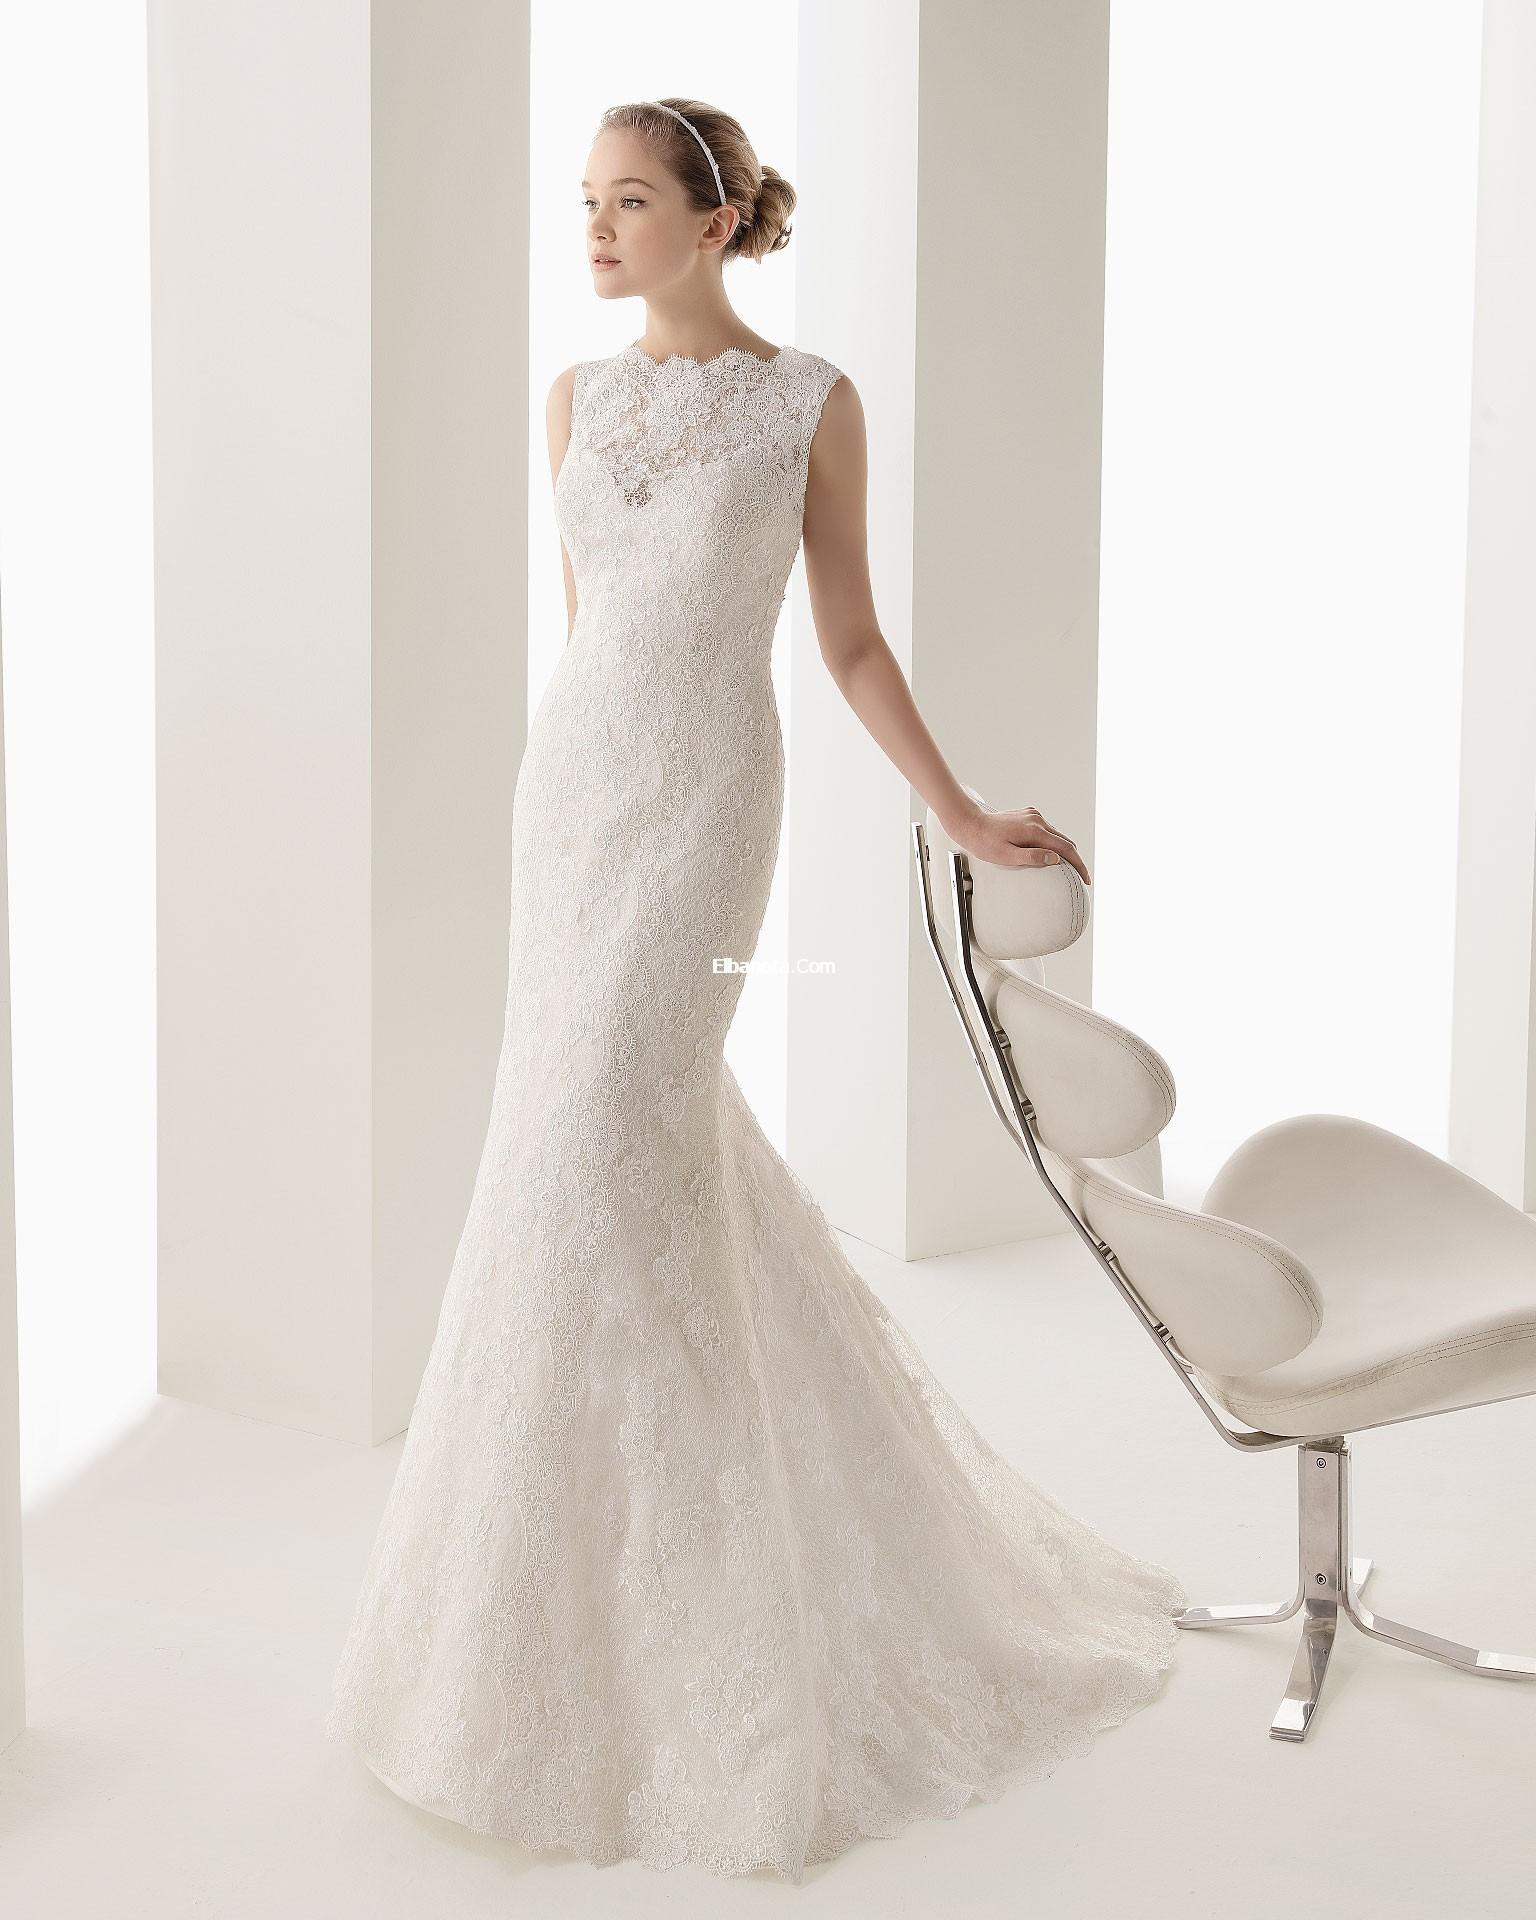 بالصور فساتين اعراس للبنات المراهقات , احدث فستان زواج للبنت المراهقة 111 6